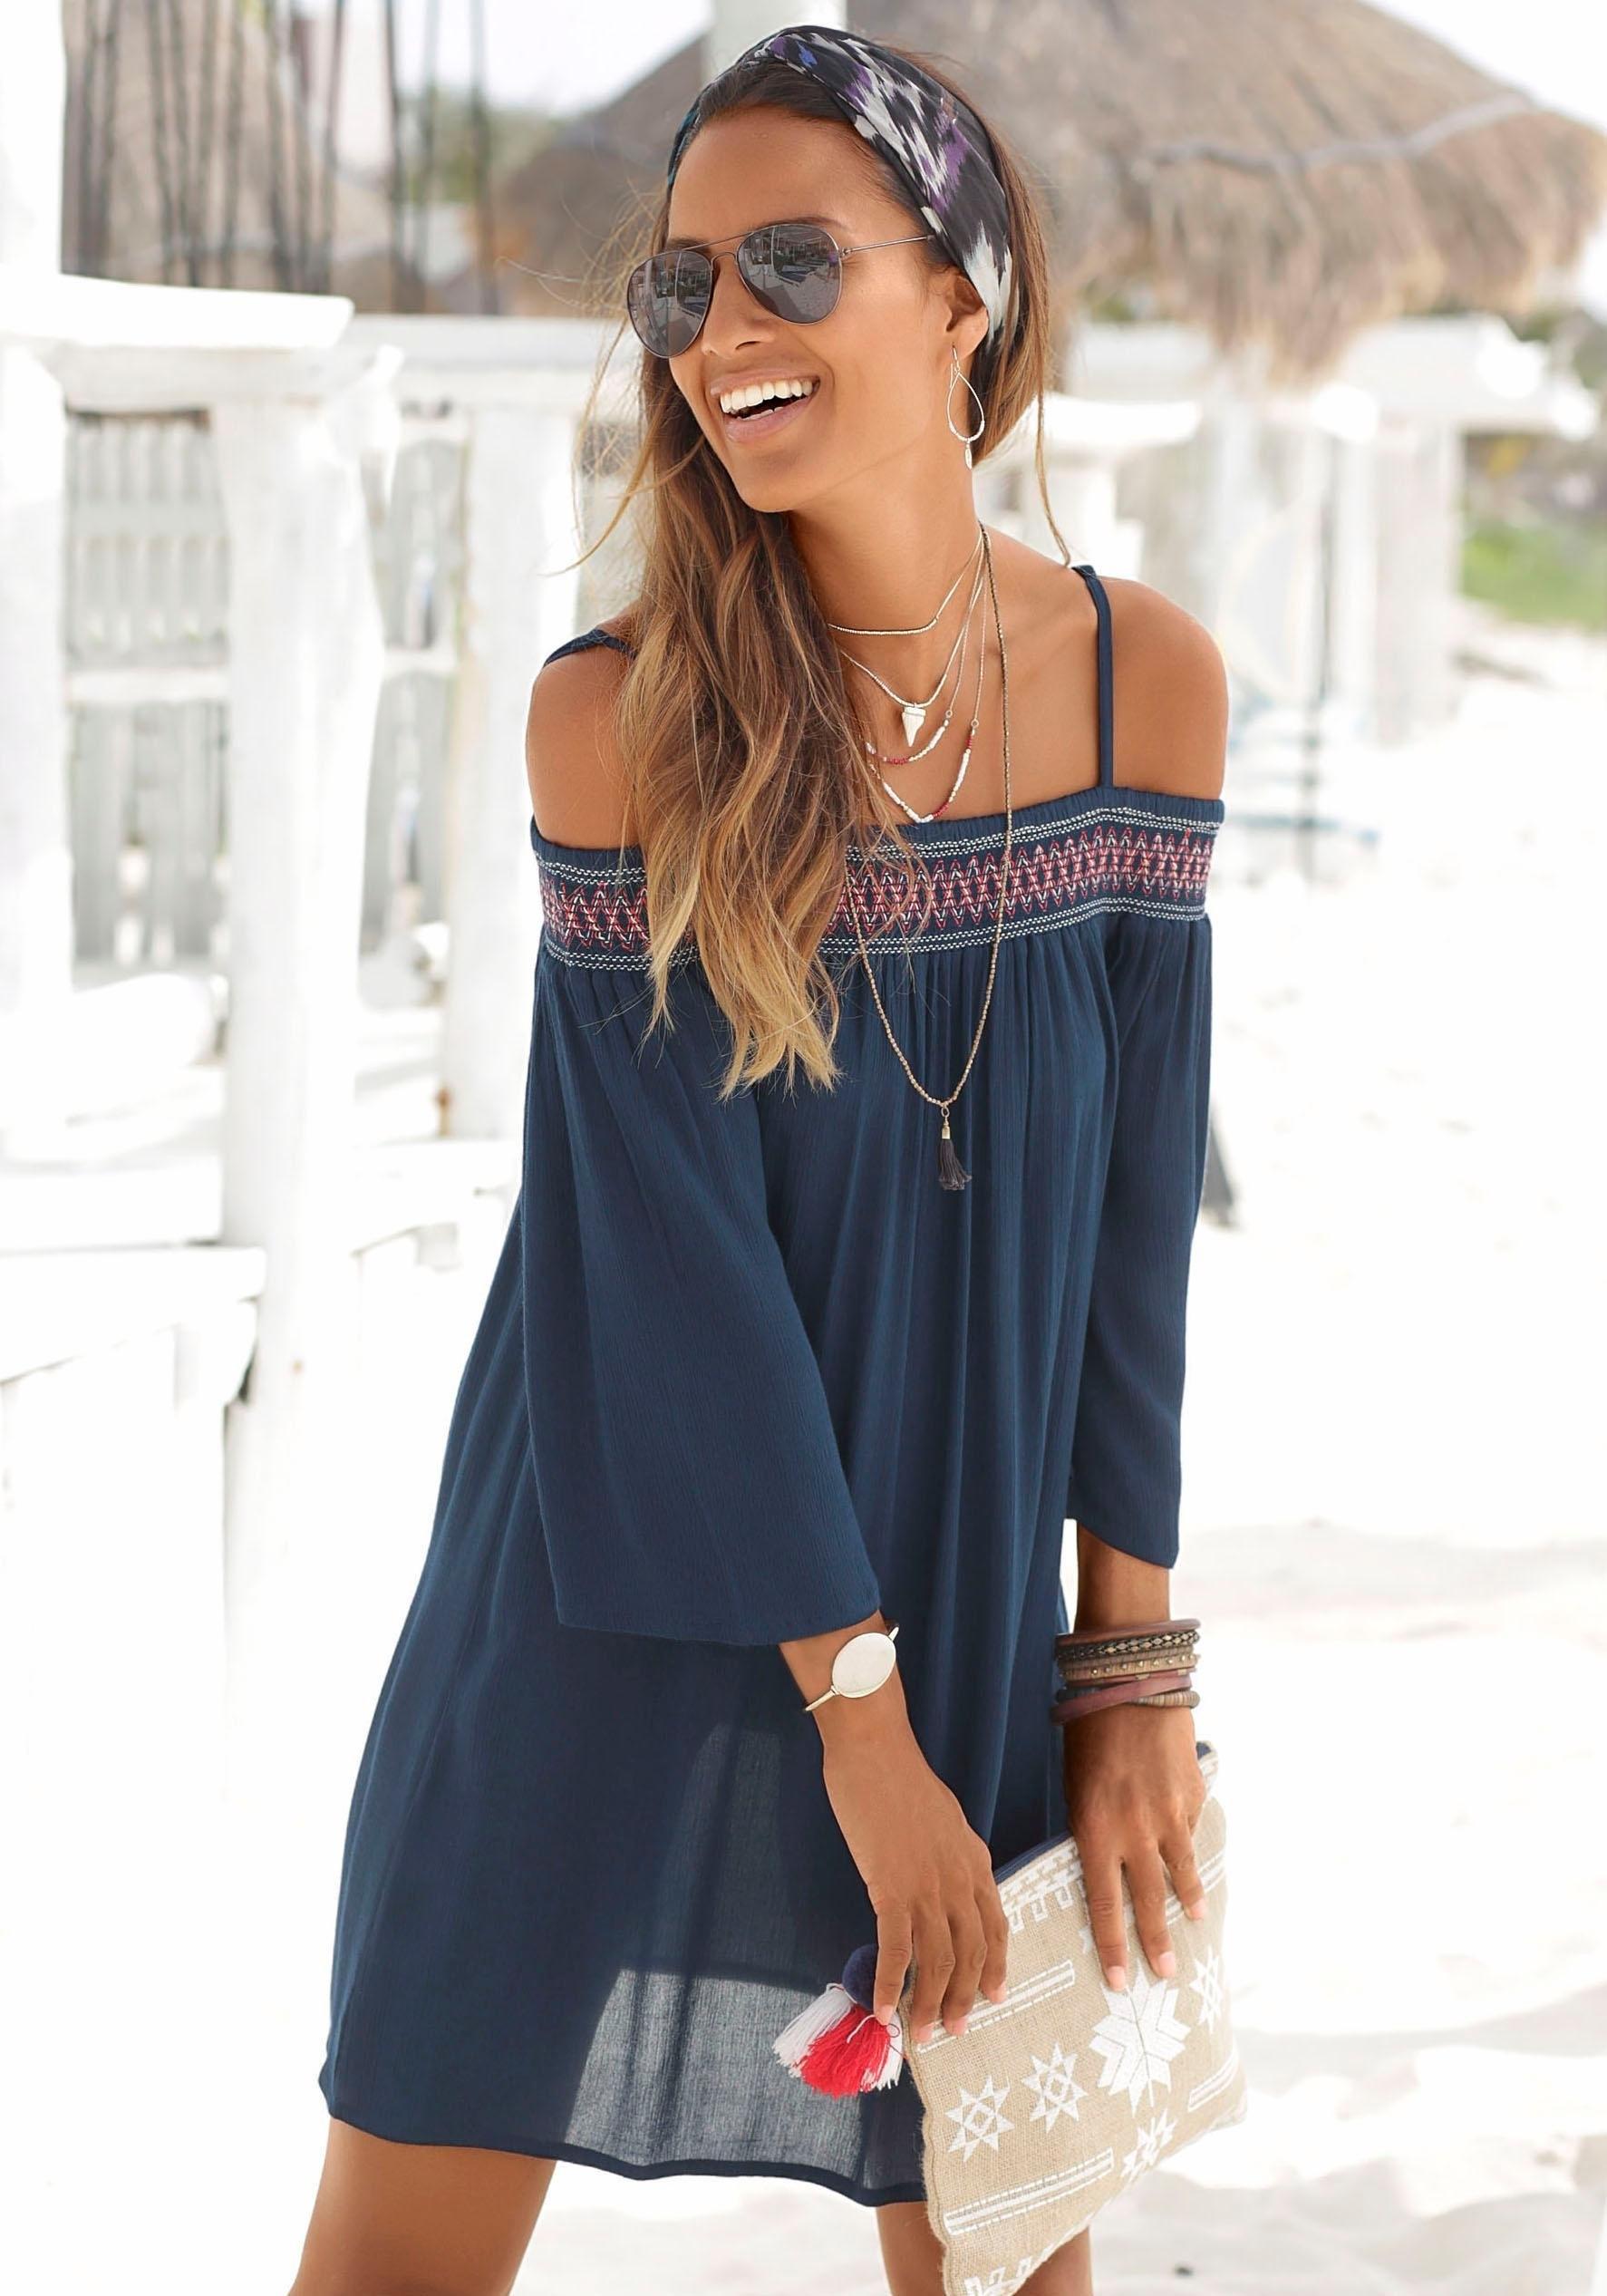 Op zoek naar een s.Oliver Beachwear s.Oliver RED LABEL Beachwear strandjurk? Koop online bij Lascana